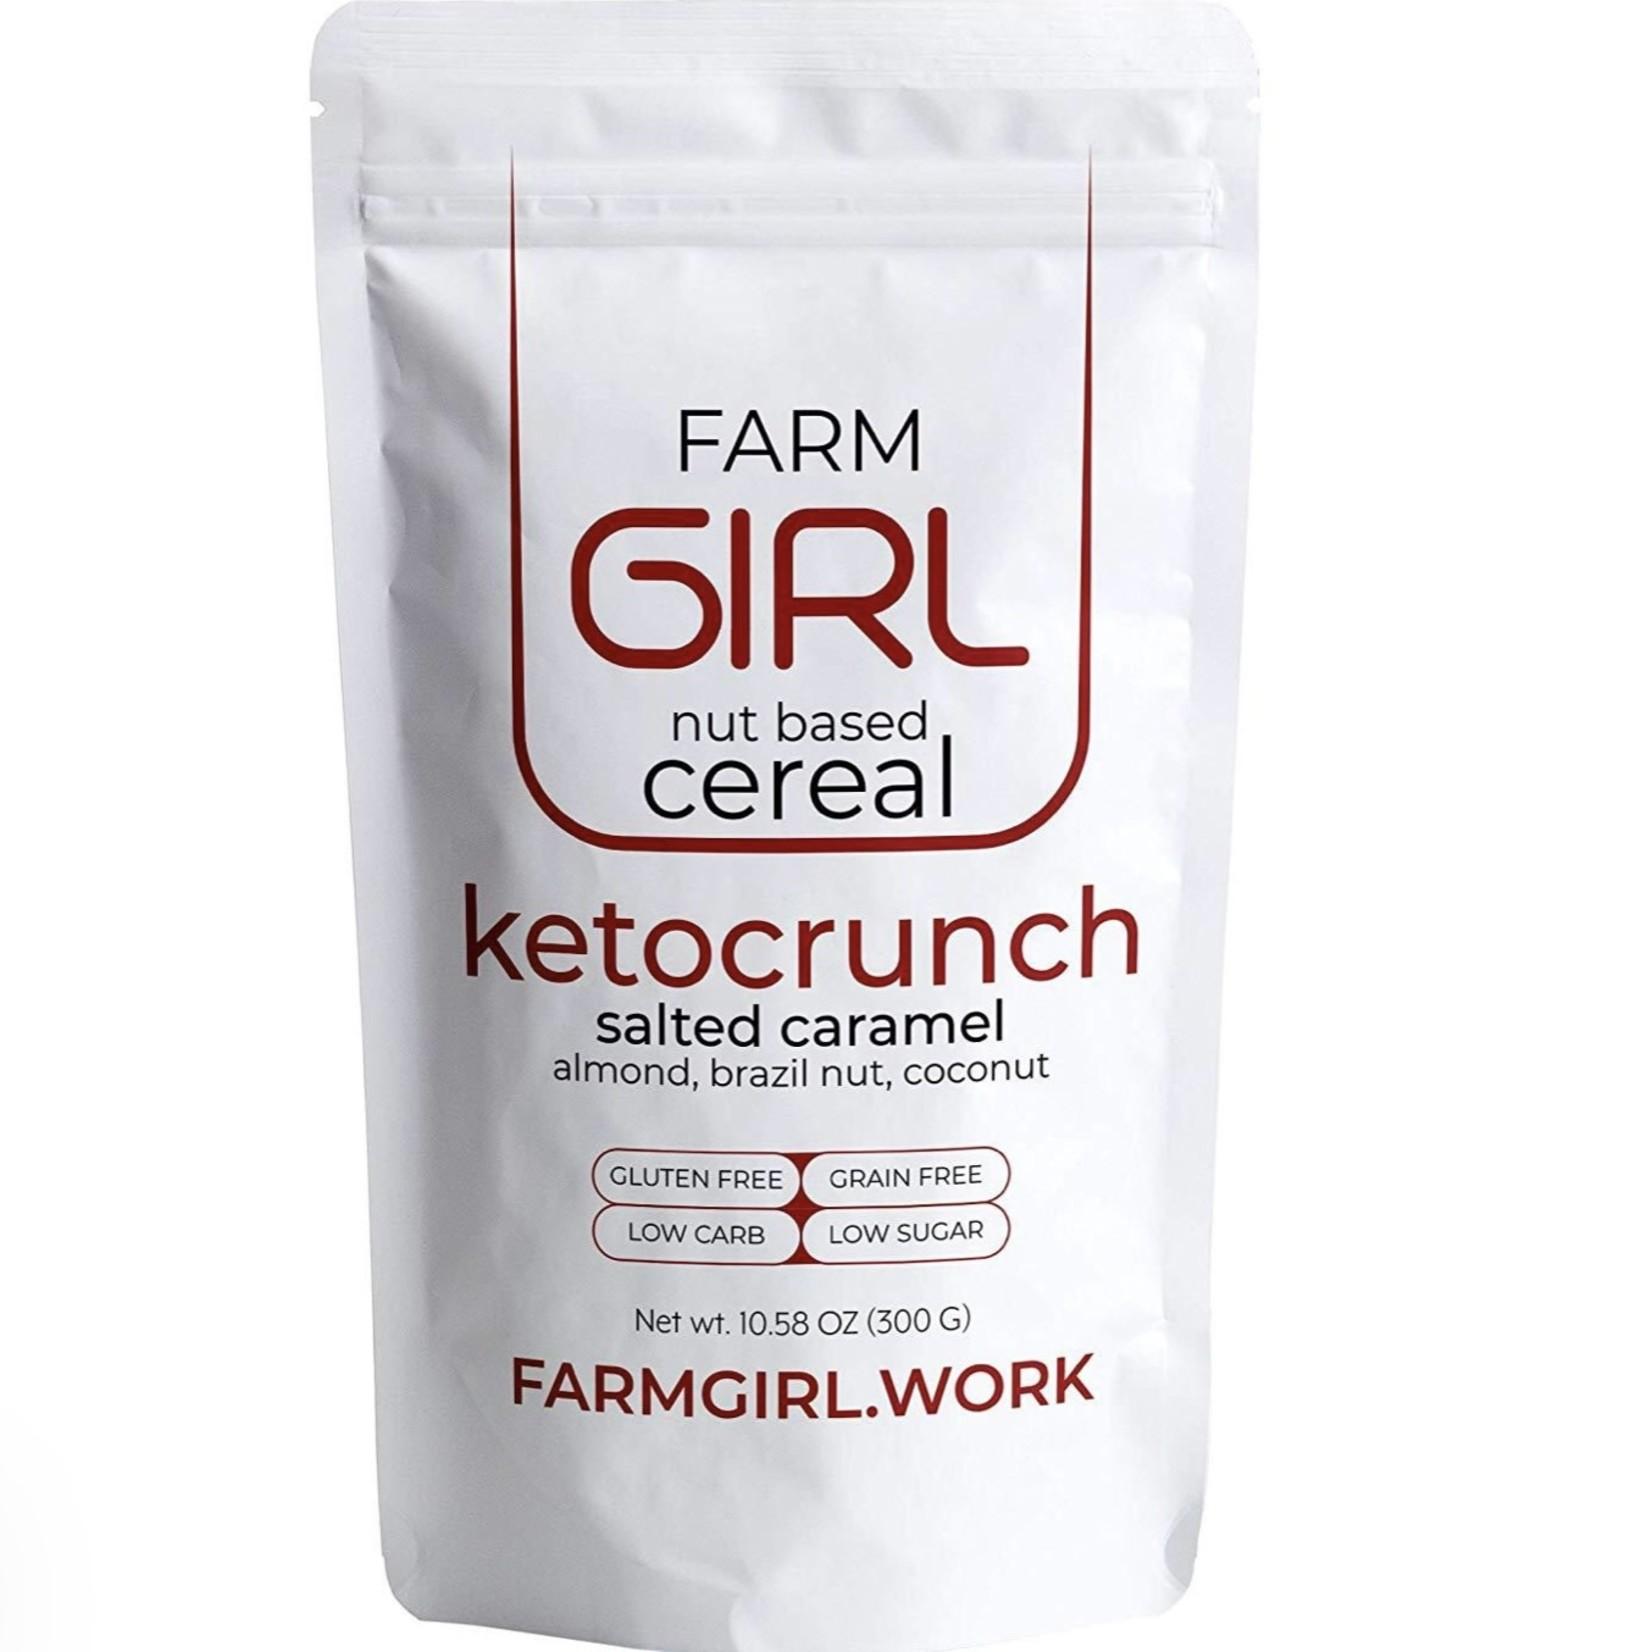 Farm Girl Farm Girl Salted Caramel Cereal 300g